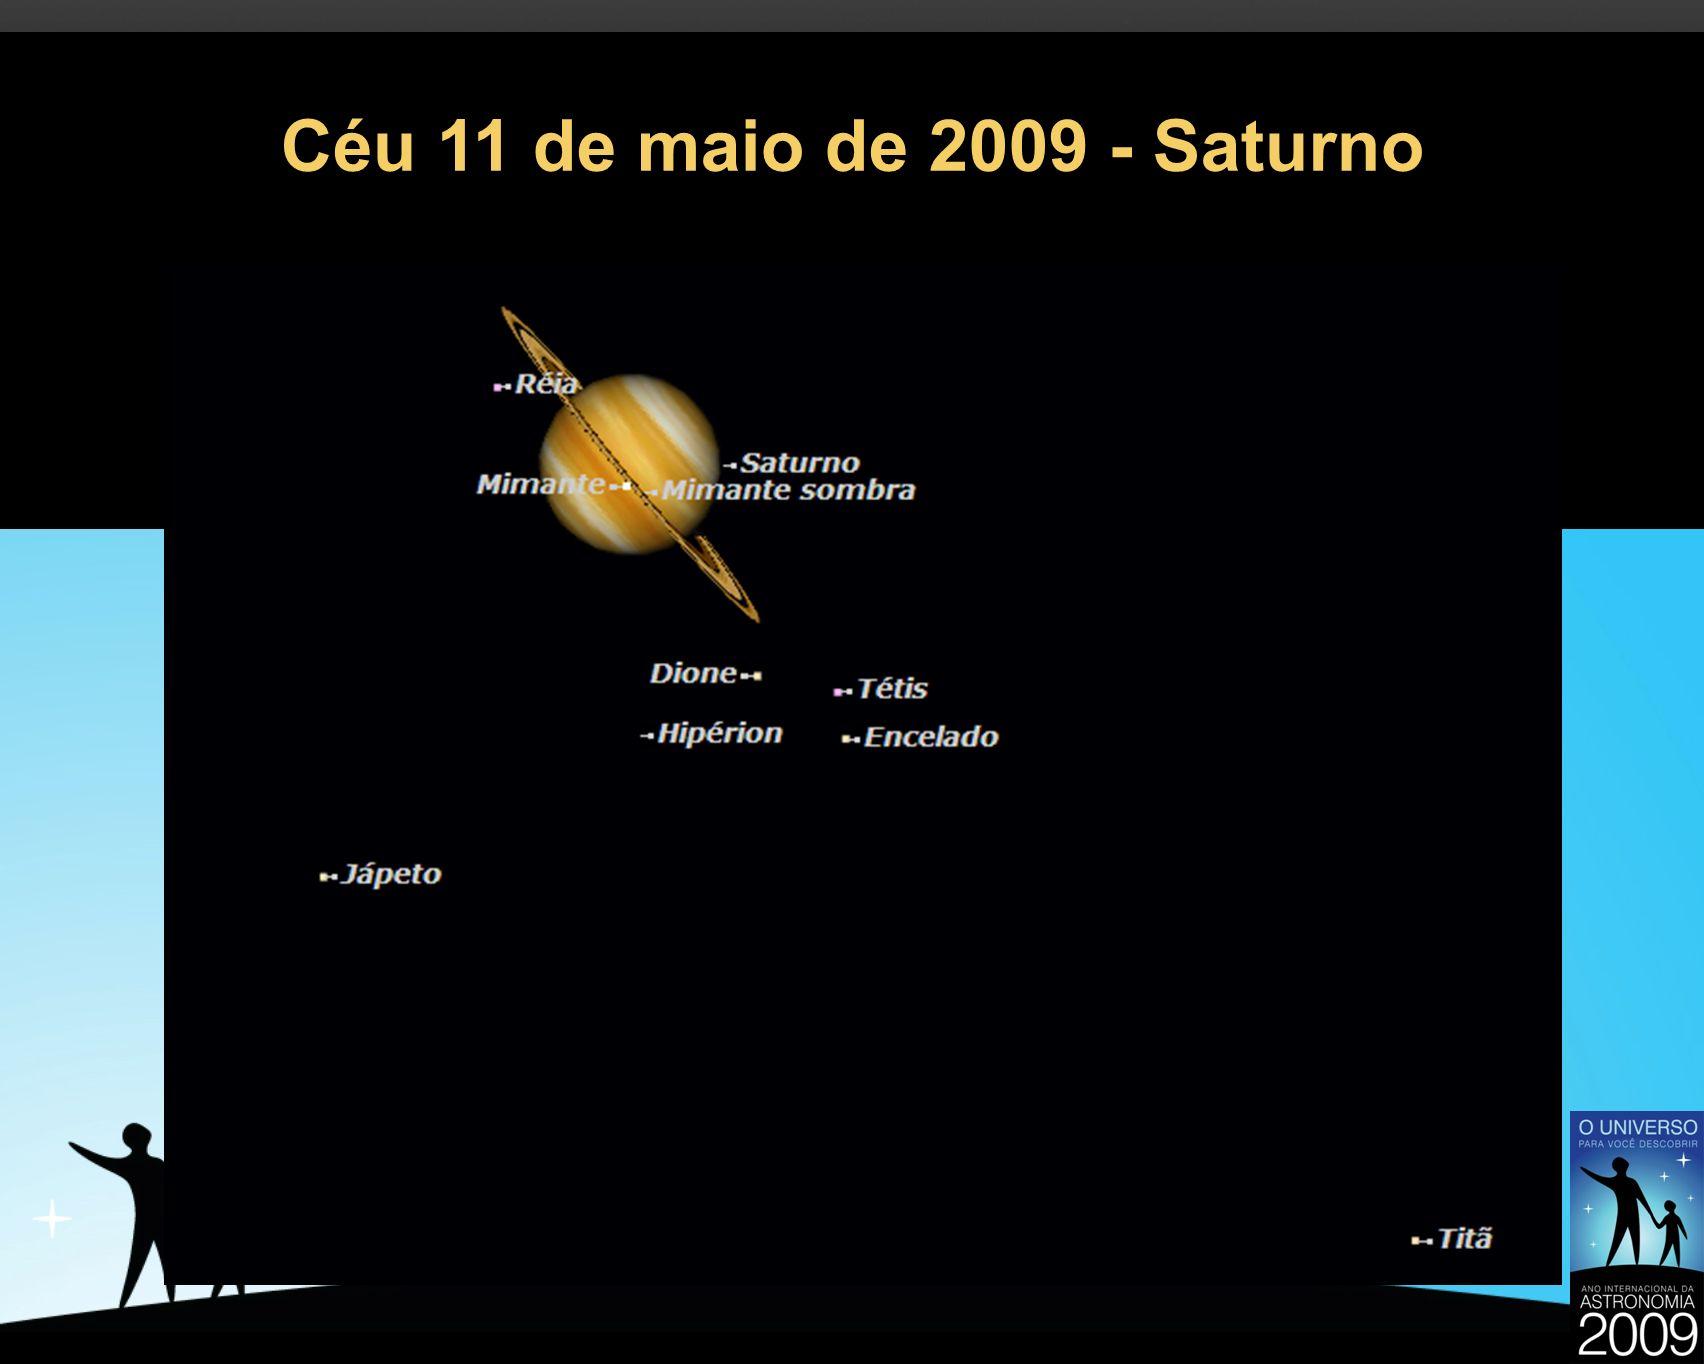 Céu 11 de maio de 2009 - Saturno 34